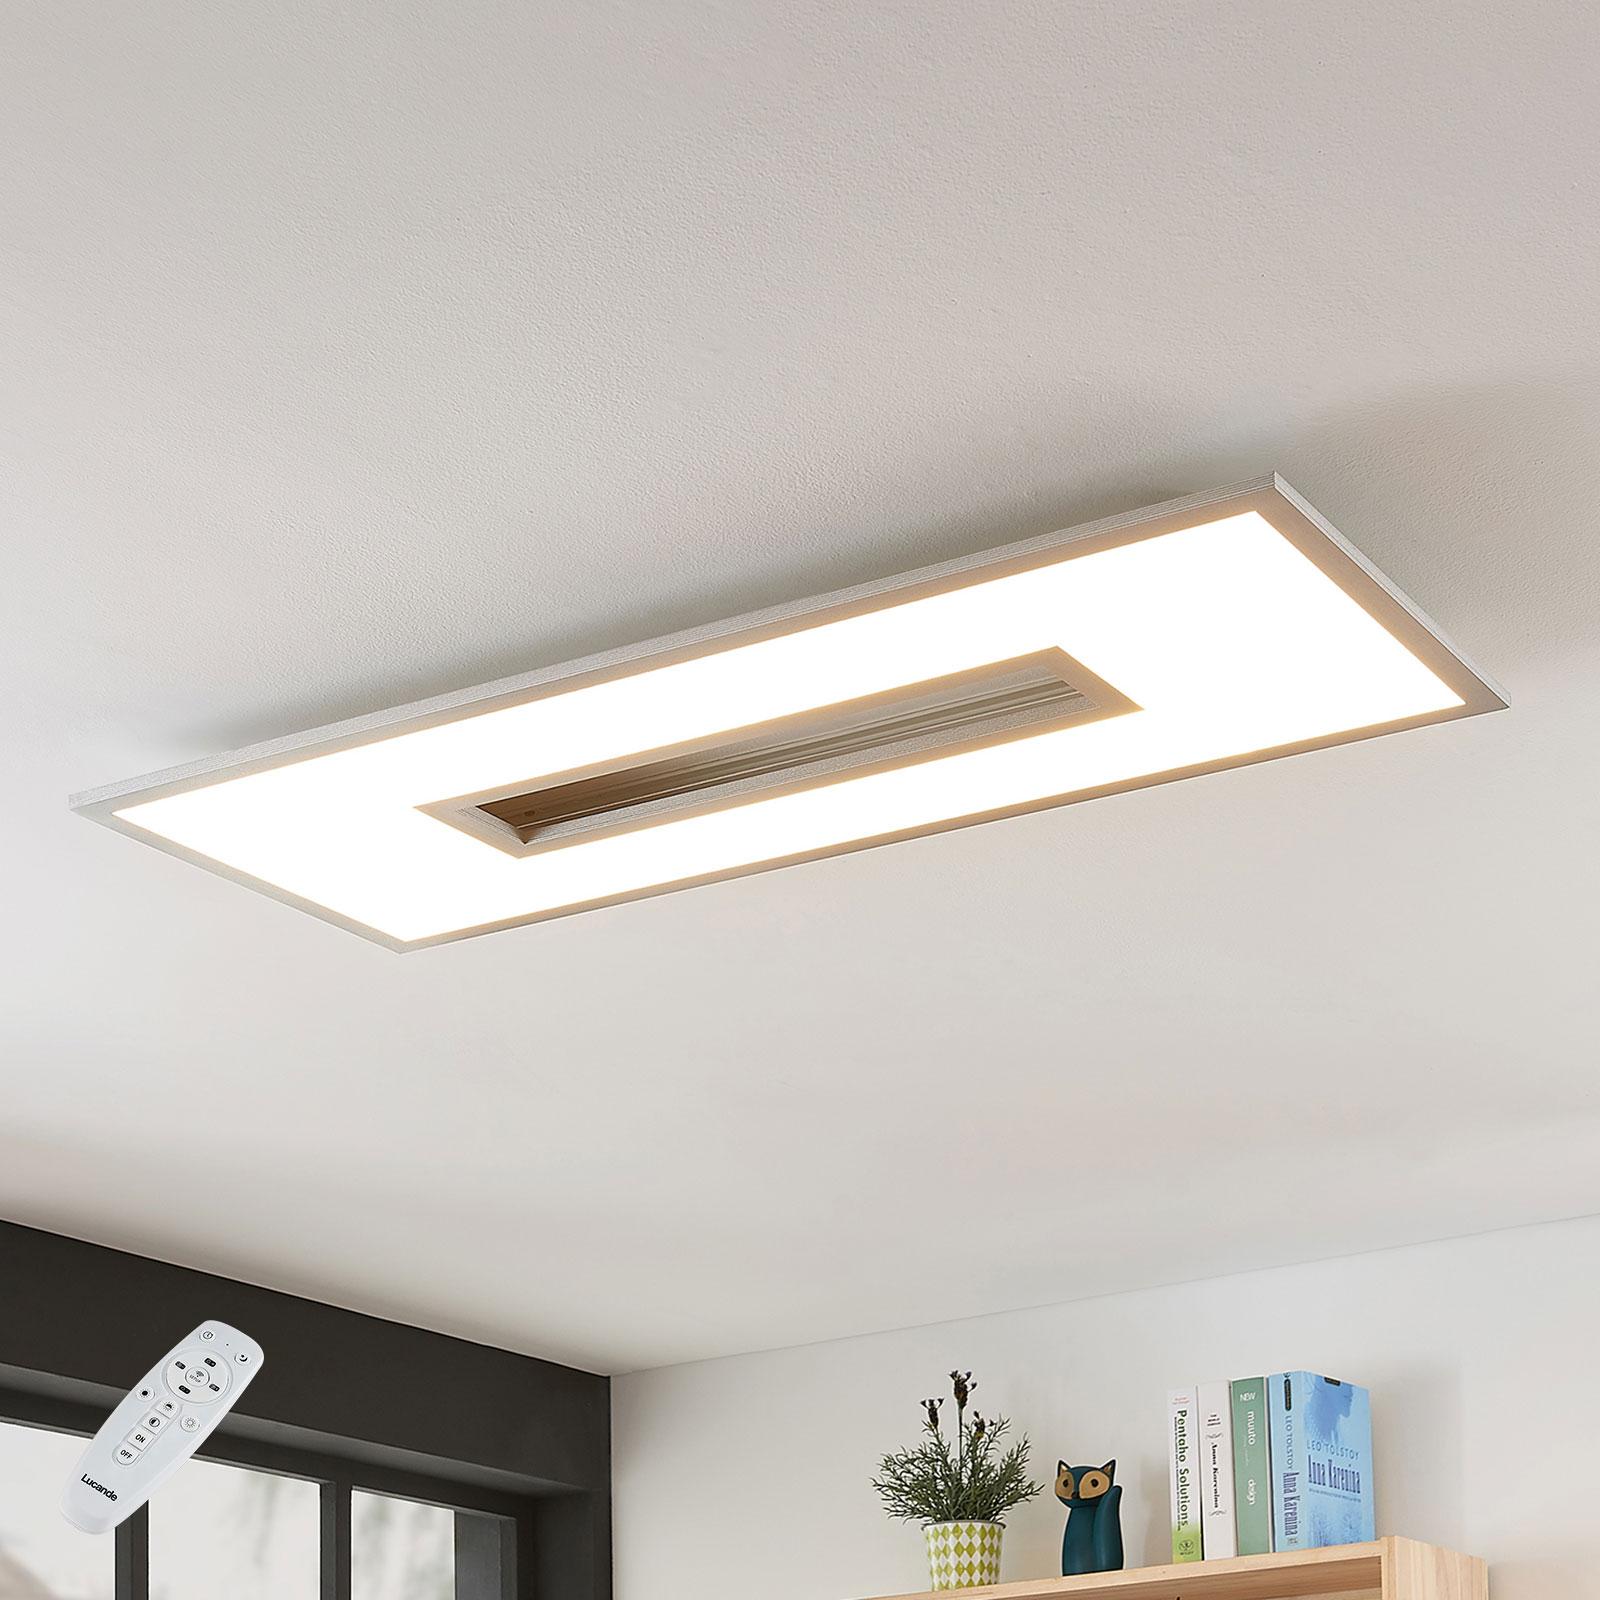 Plafonnier LED Durun, dimmable, CCT, carré, 96 cm